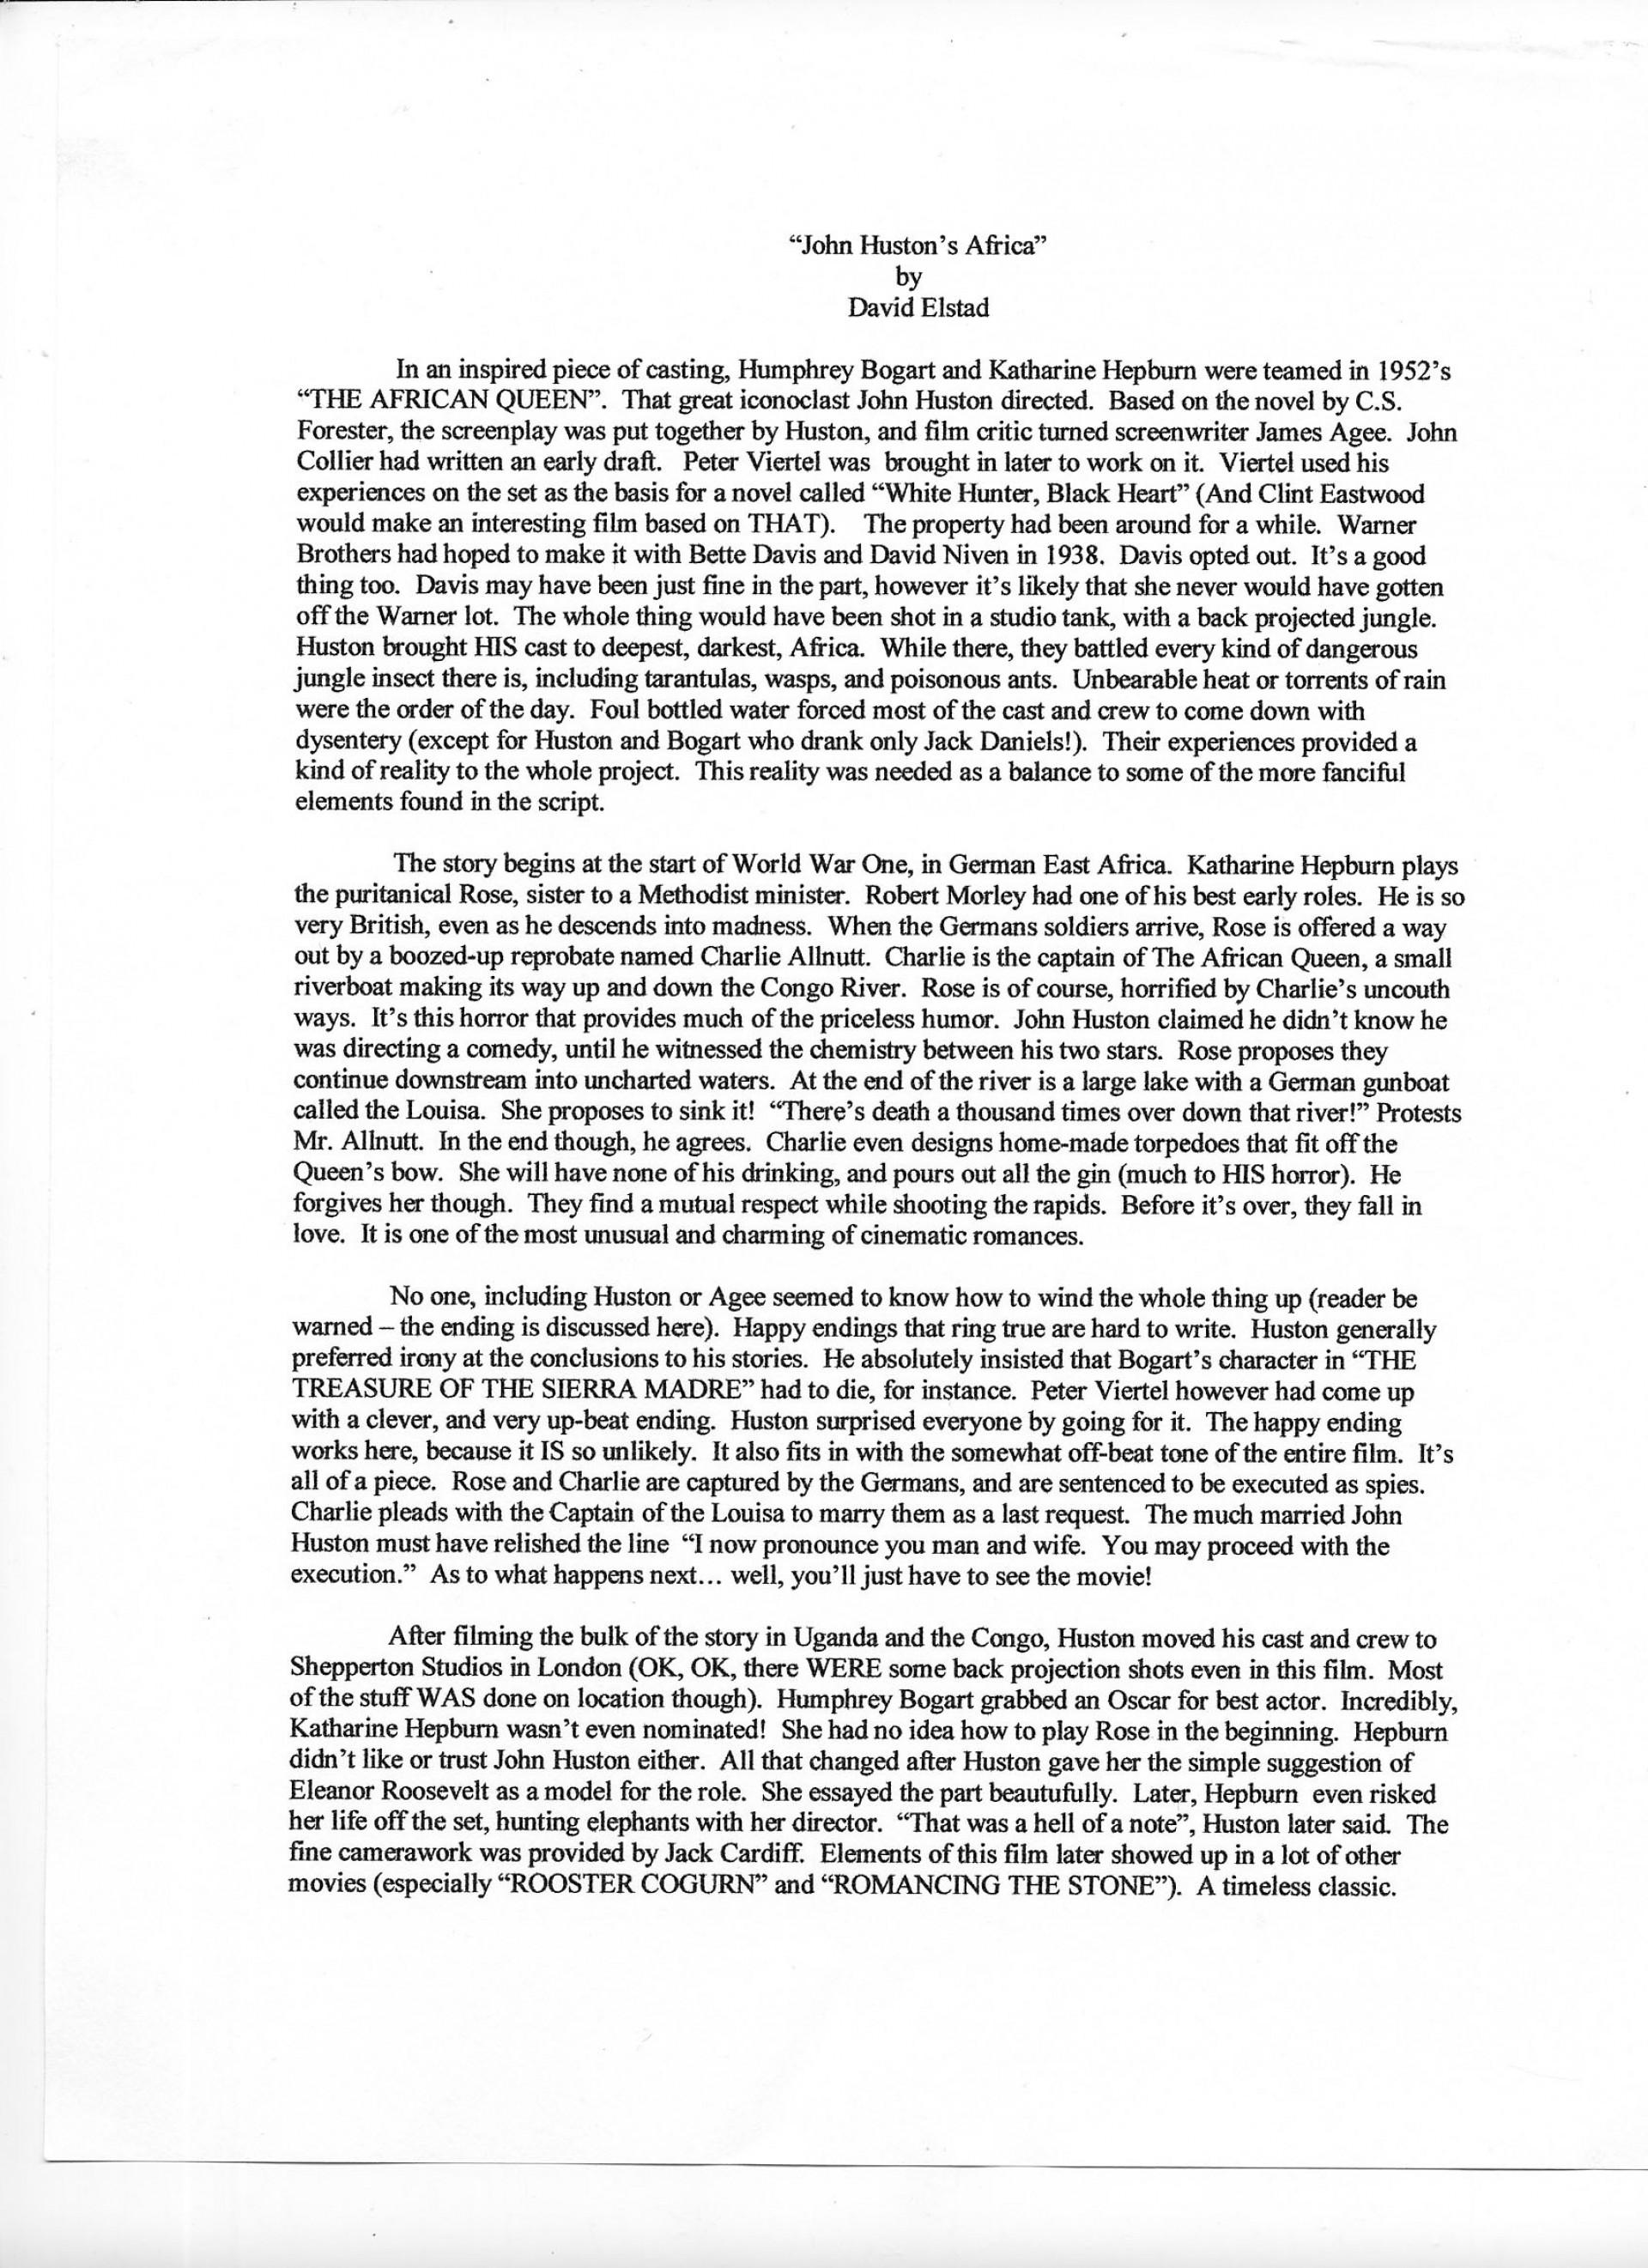 012 Njhs Essay Conclusion Onepageessay Unique 1920